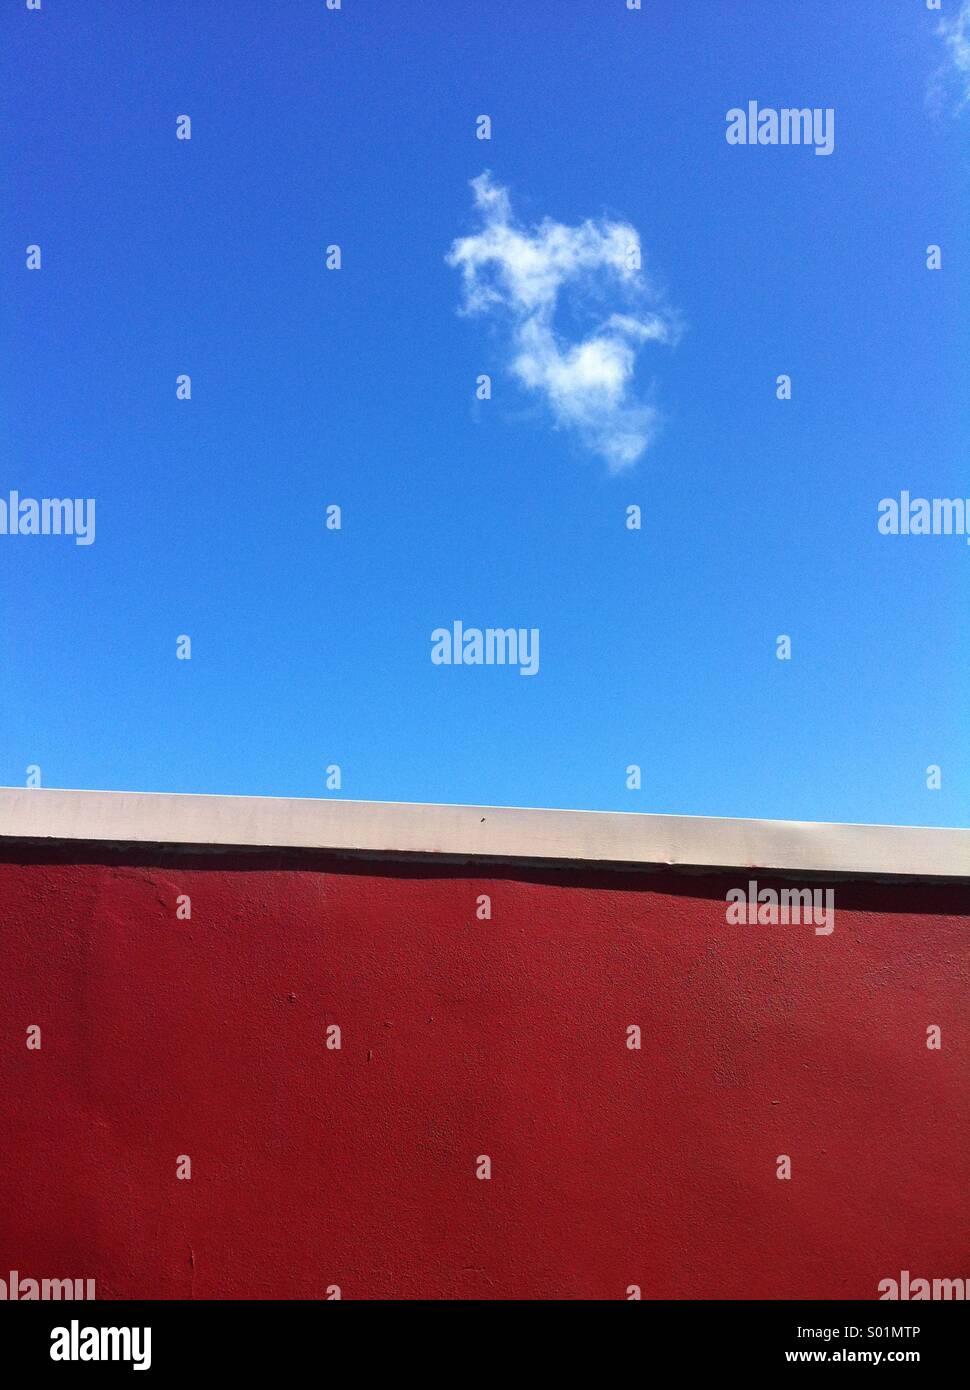 Pared roja y el cielo azul con nubes Imagen De Stock